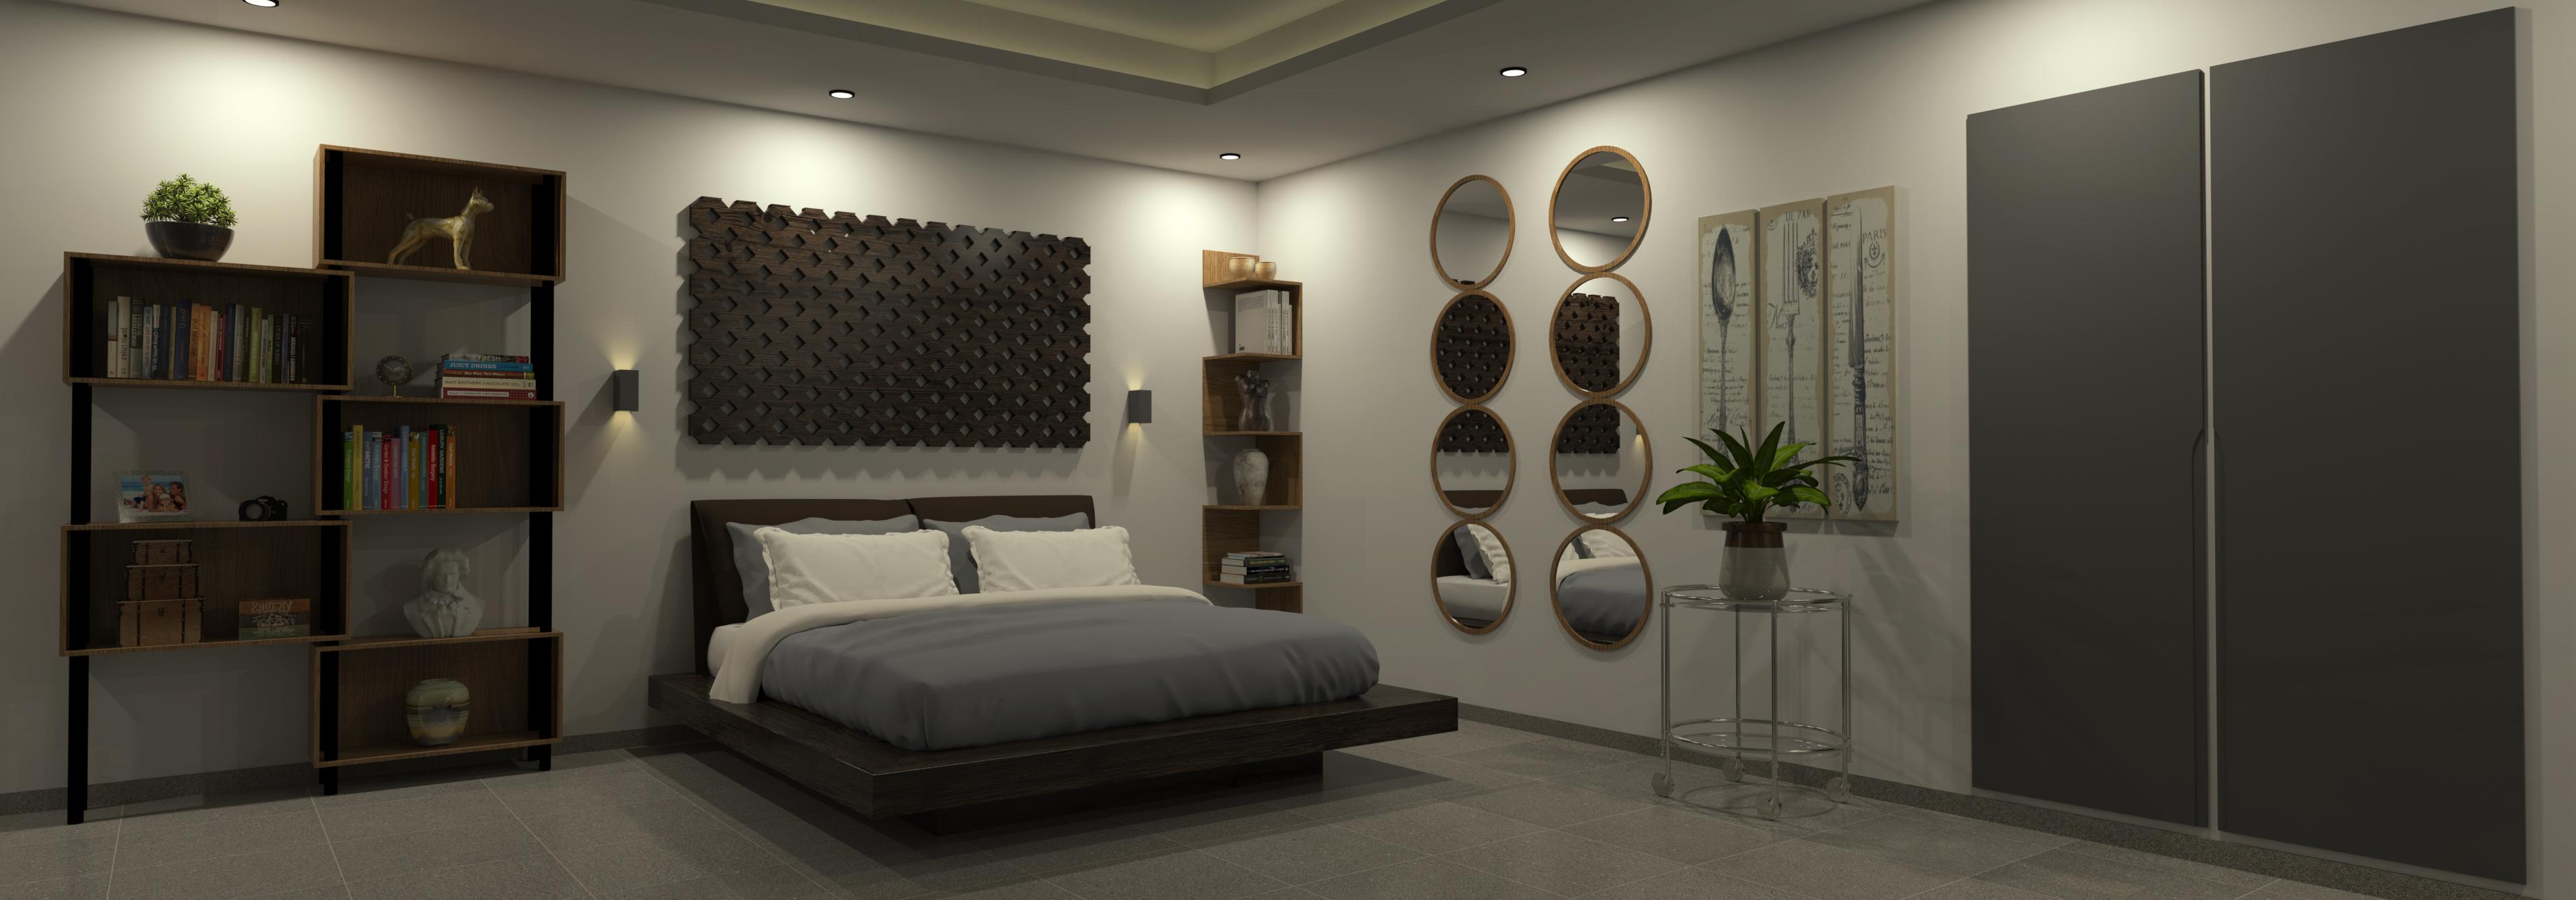 soveværelse_22-Scene 1